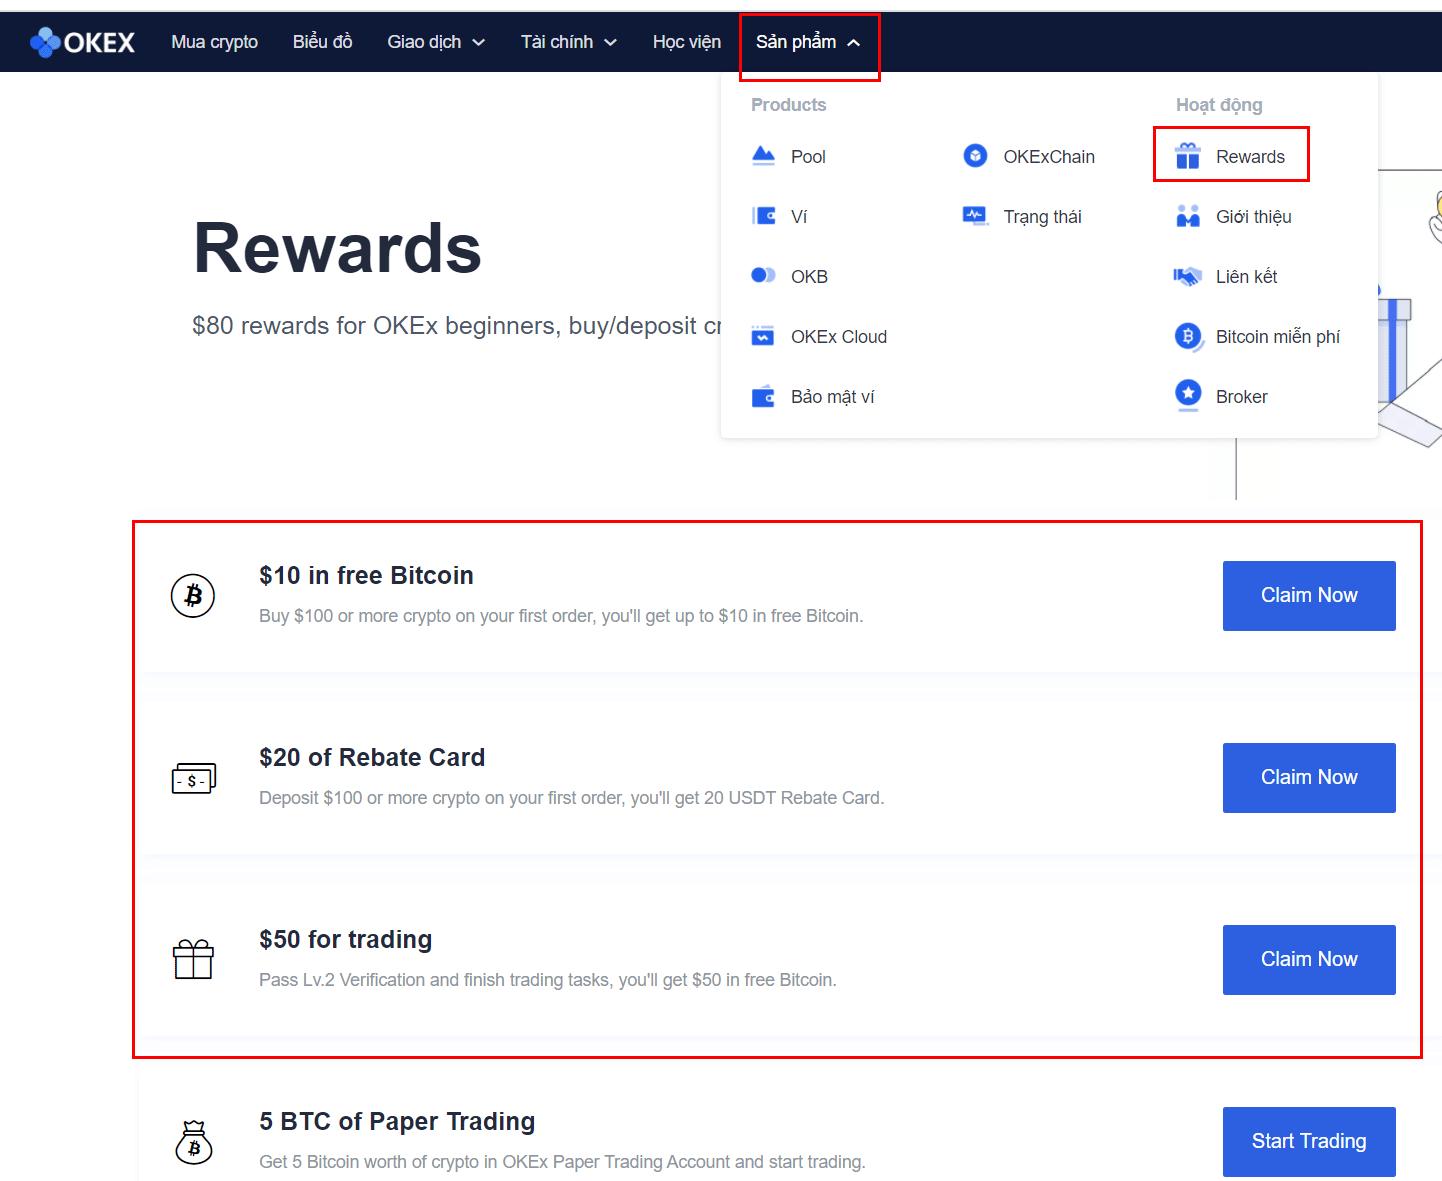 Nhận thưởng bitcoin miễn phí trên OKEx